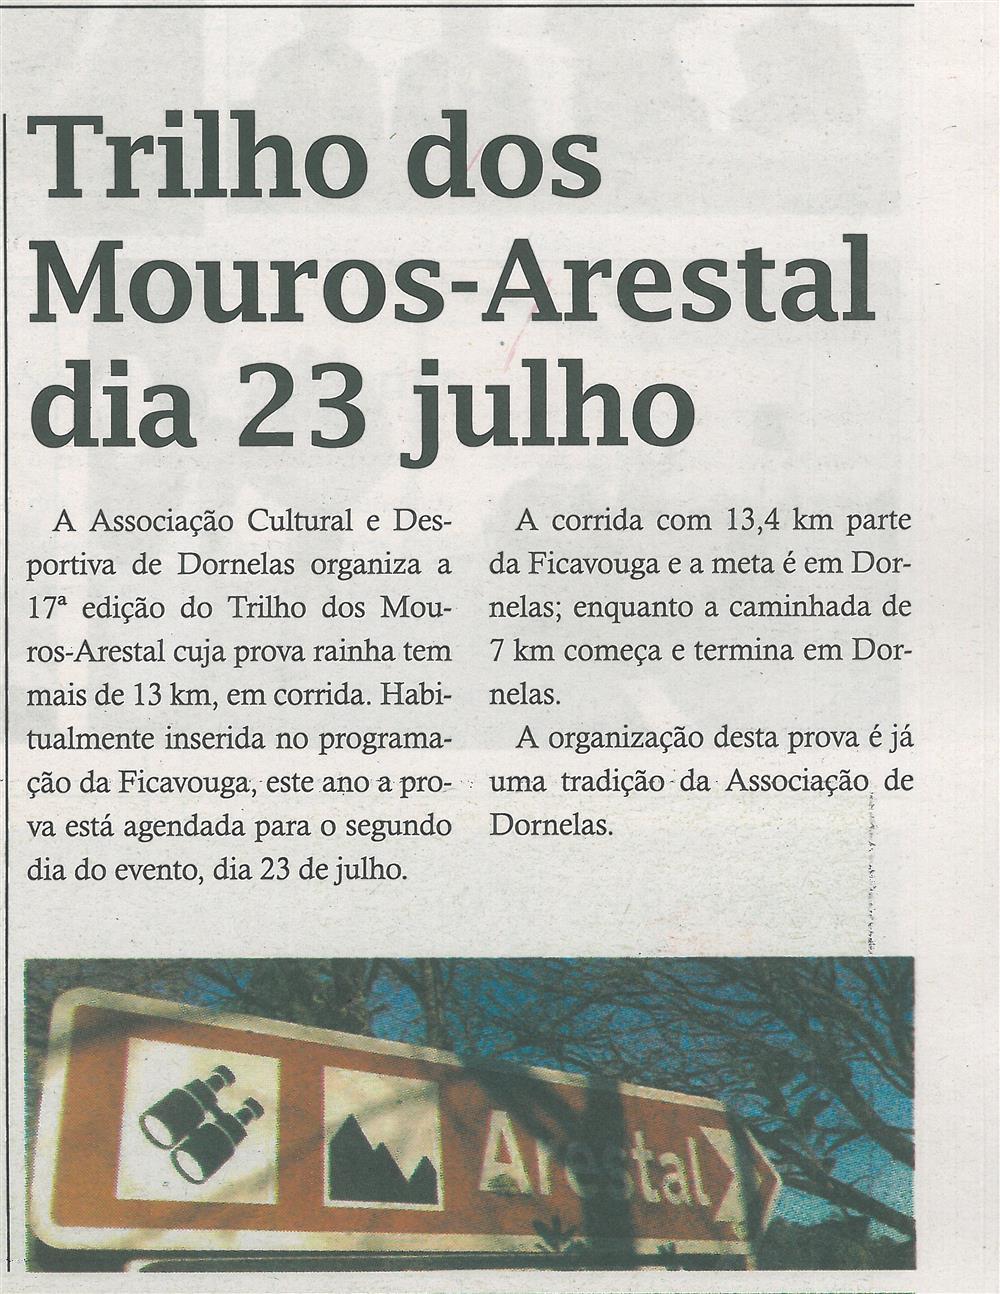 TV-jul.'17-p.3-Trilho dos Mouros-Arestal dia 23 julho.jpg